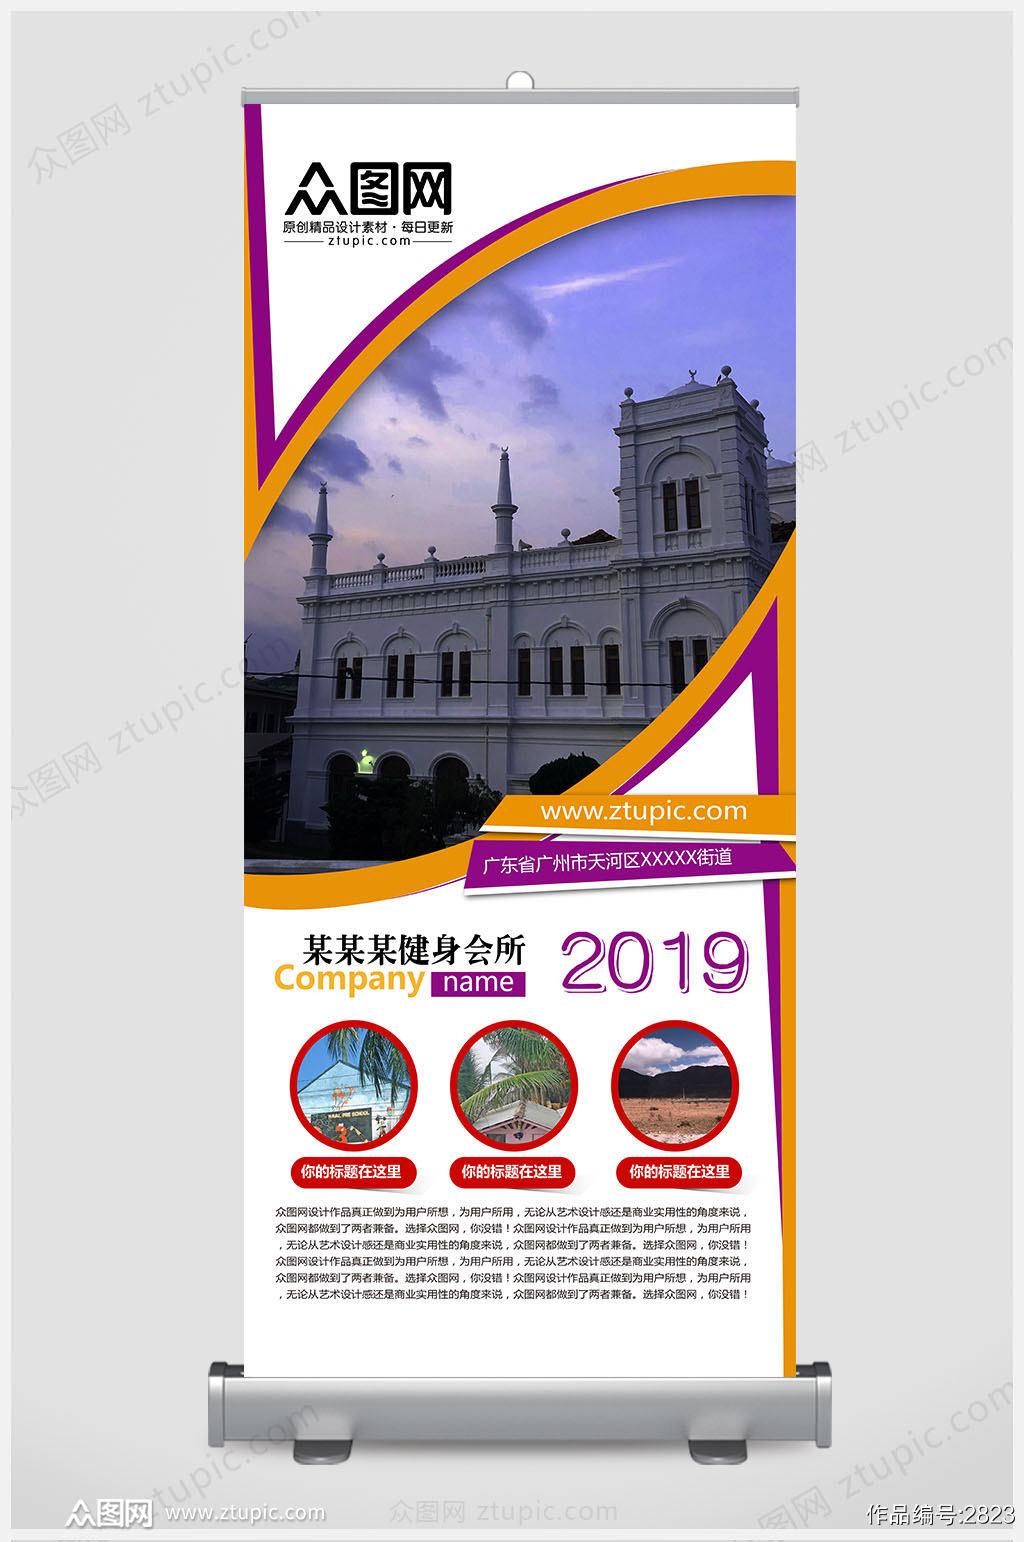 会员招募促销宣传海报展架易拉宝设计素材